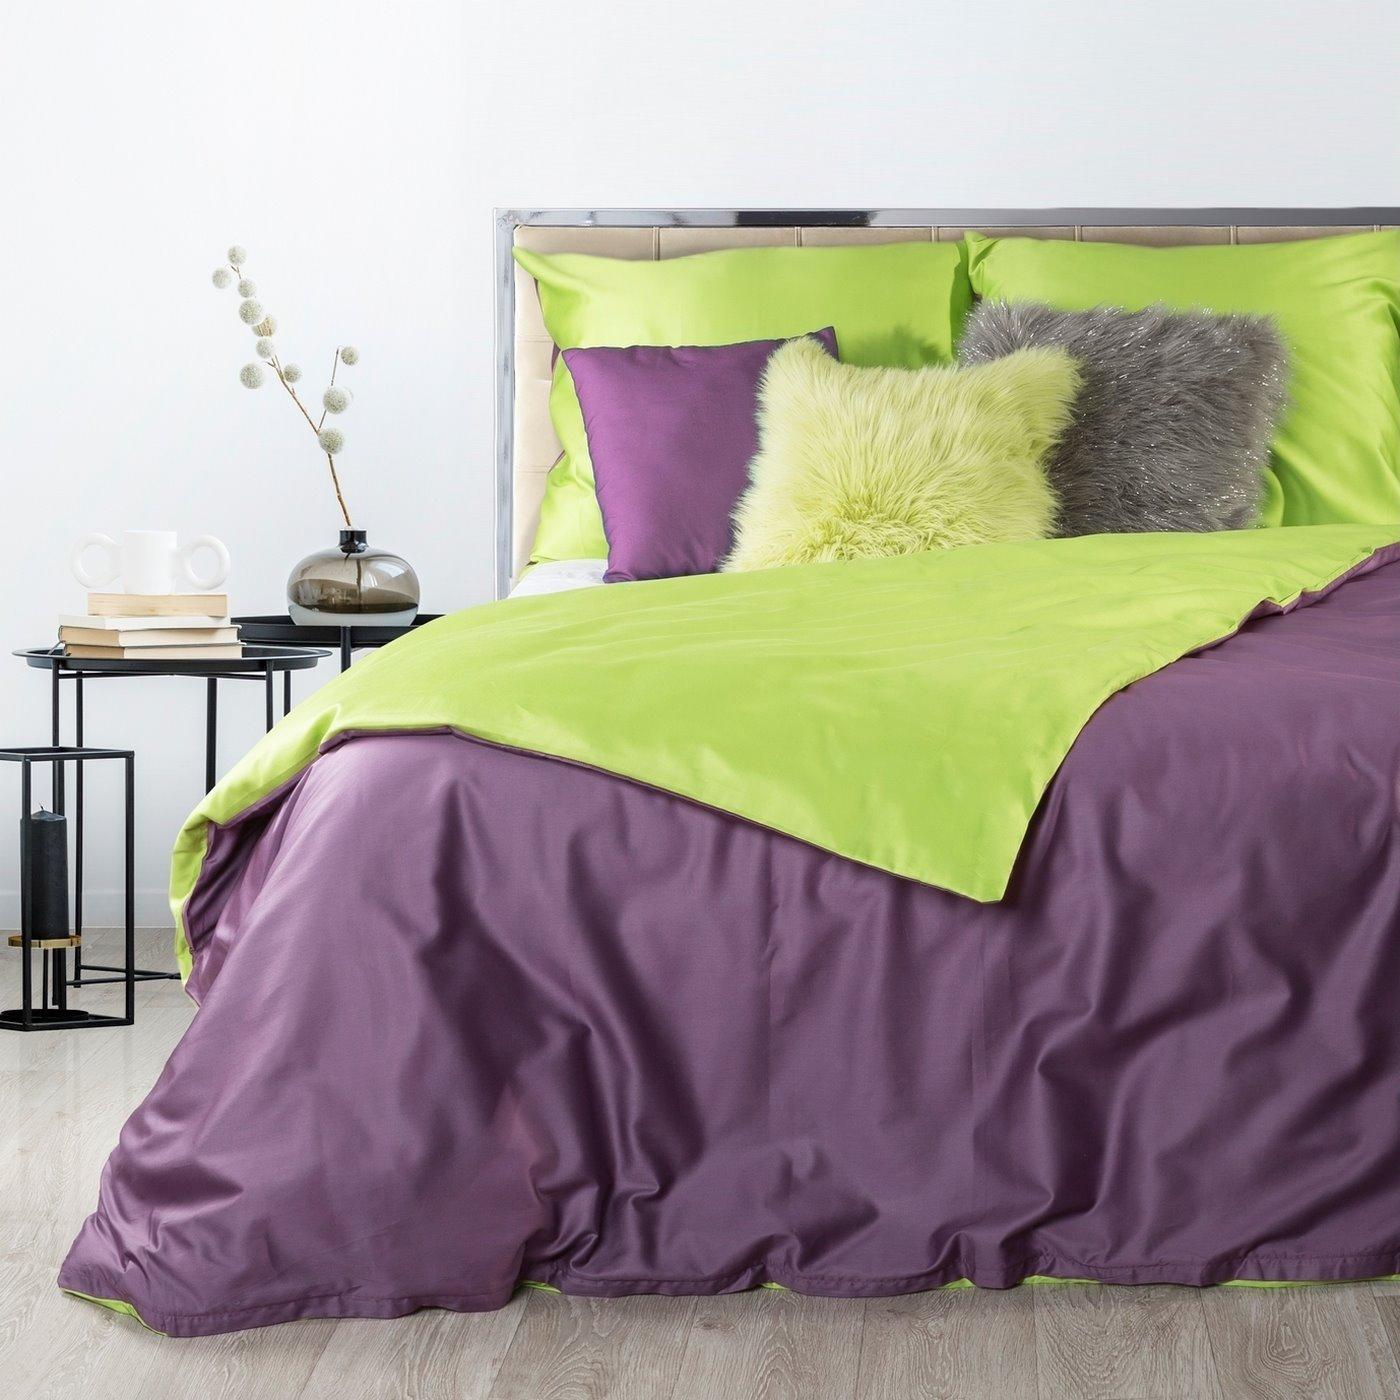 Komplet pościel z makosatyny 160 x 200 cm, 2 szt. 70 x 80 cm dwustronny fioletowo-zielony